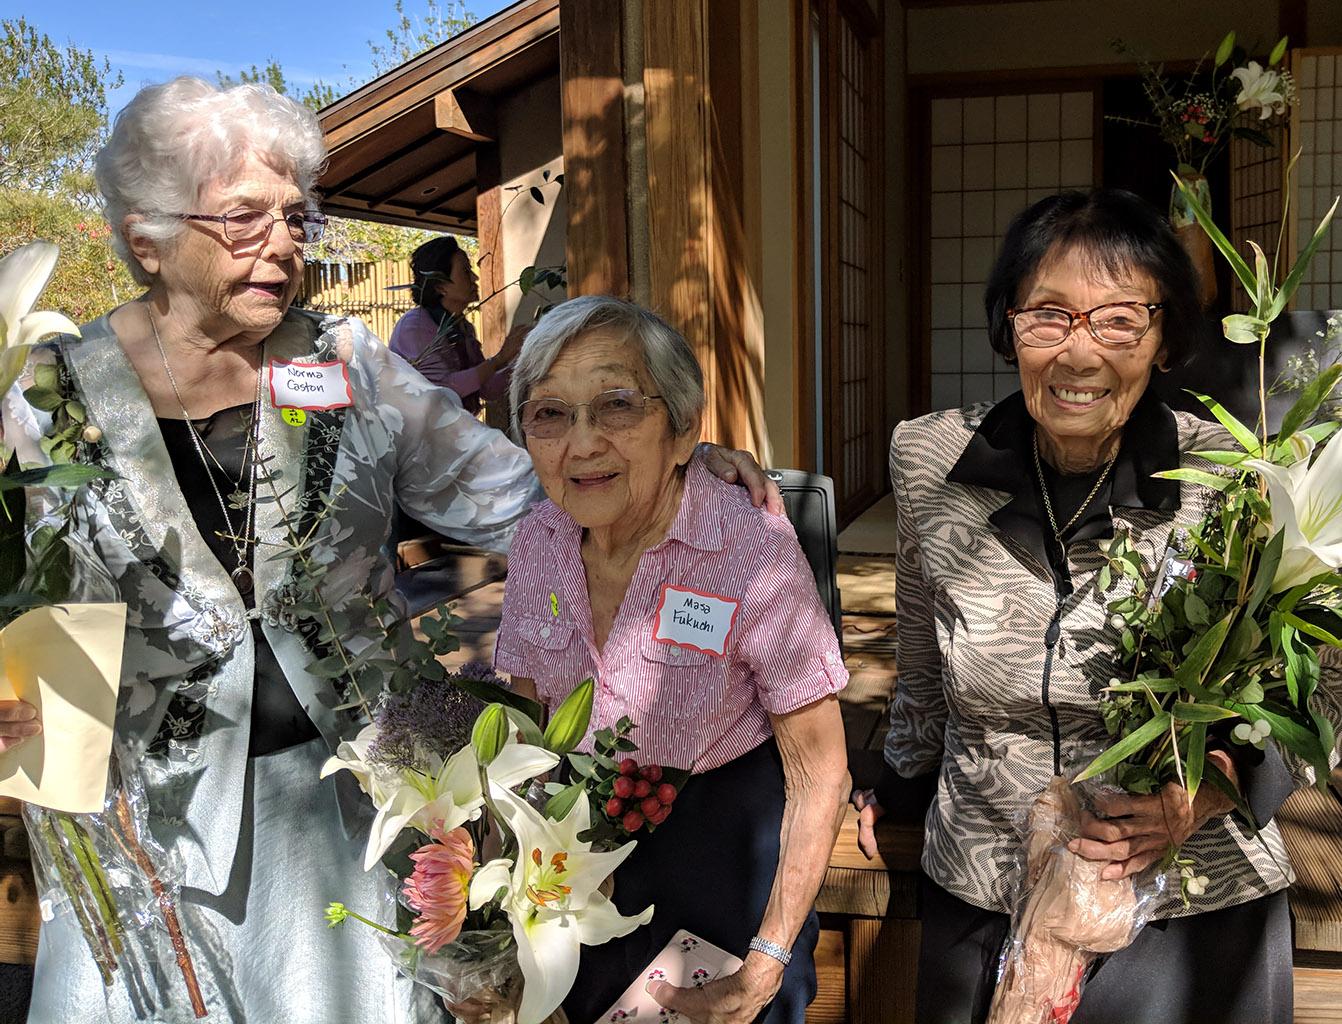 Norma Caston, Masa Fukuchi, Sumiye Nishida